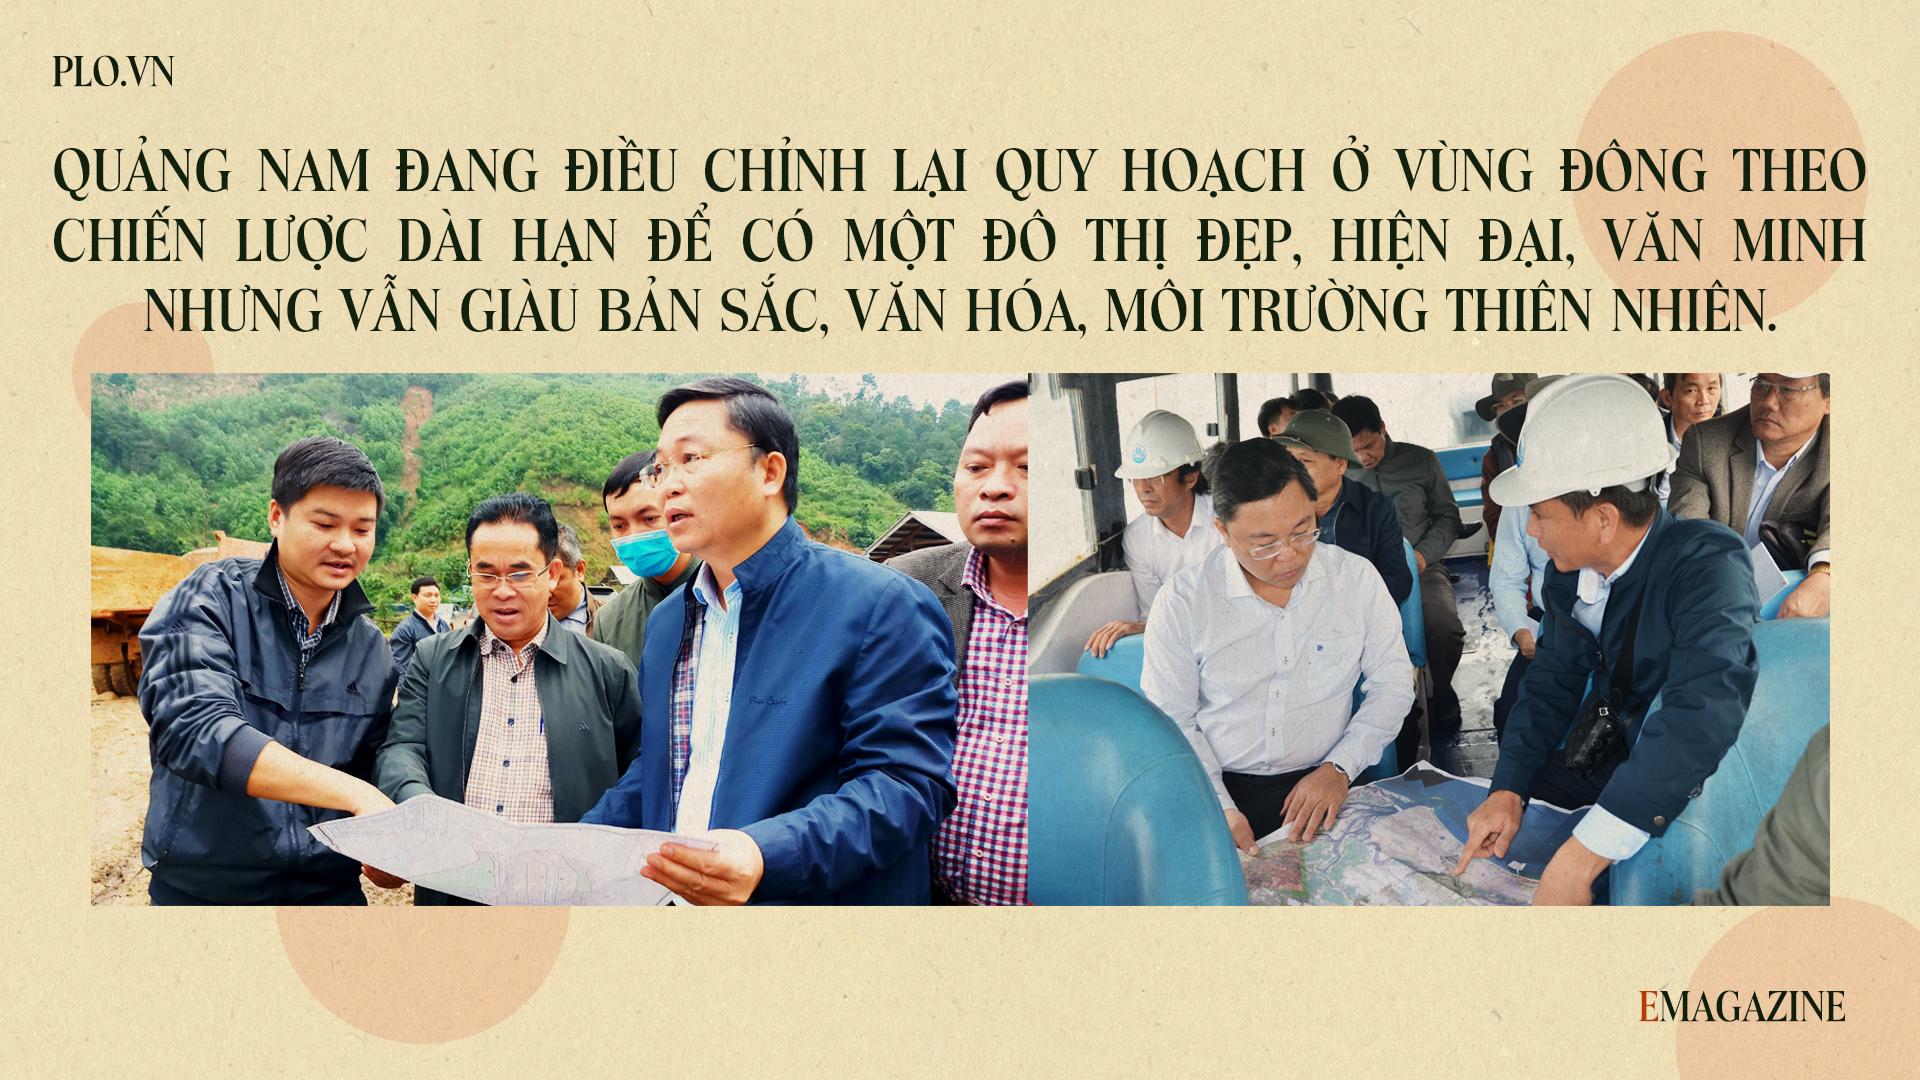 Emagazine: Chủ tịch Quảng Nam và 4 điểm nhấn phát triển - ảnh 9